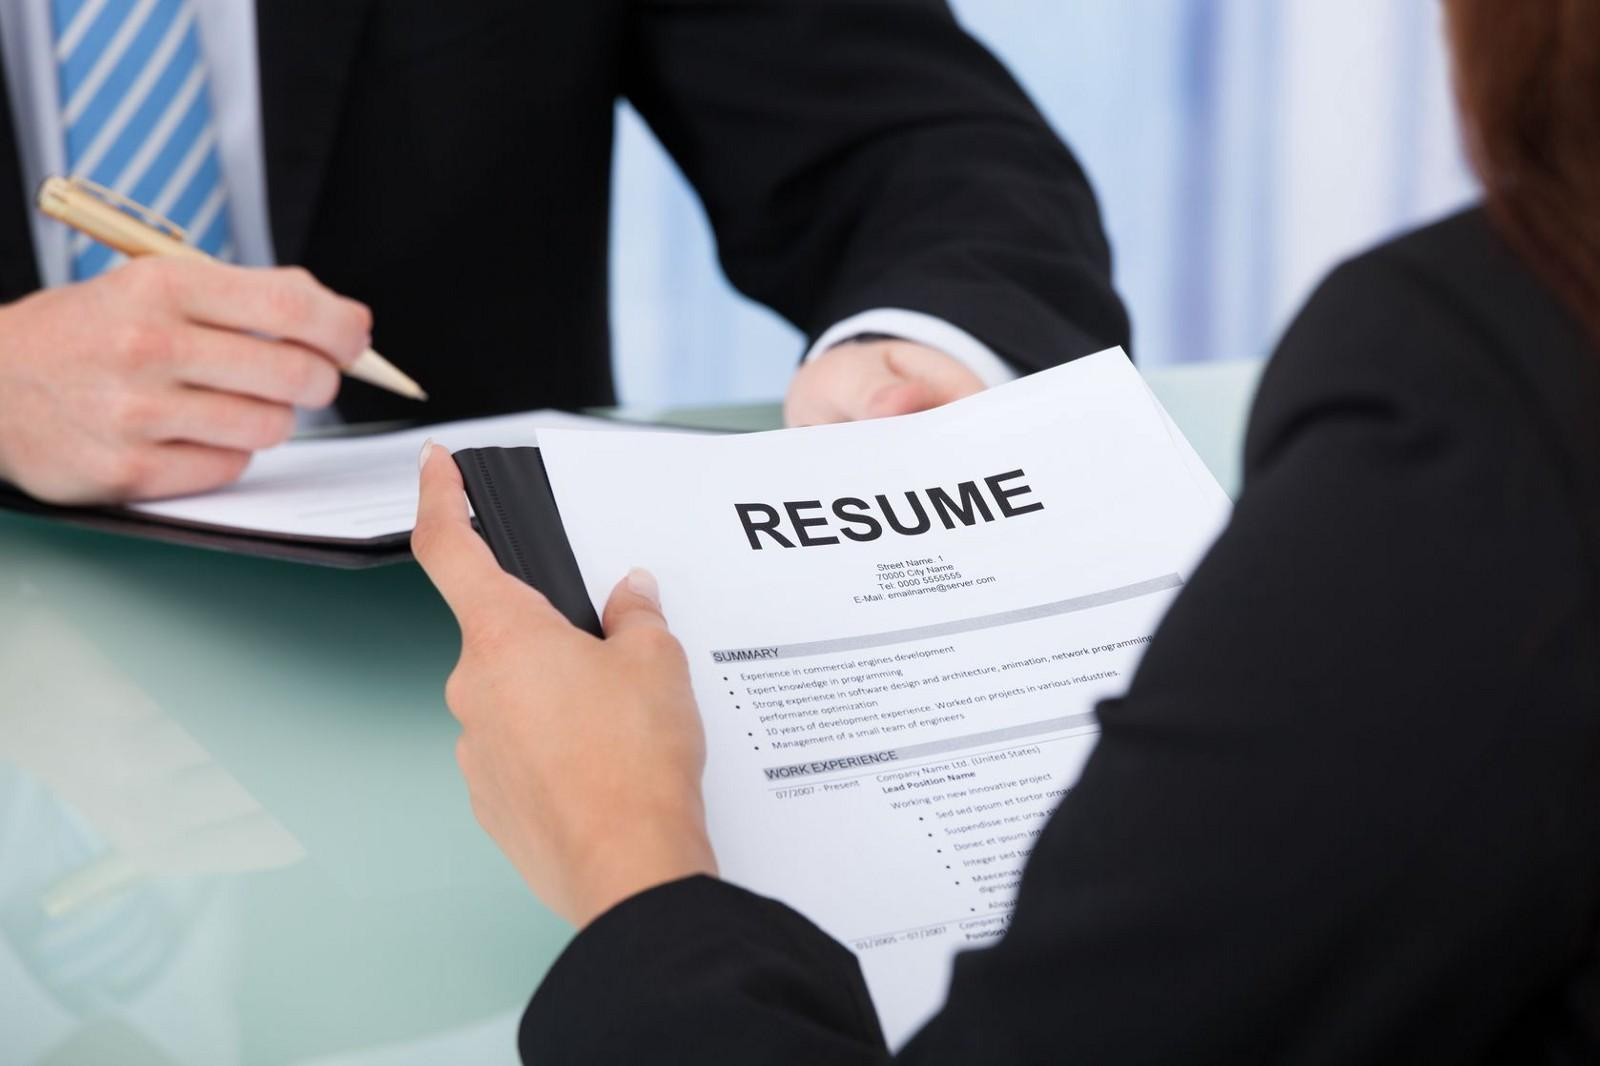 新一年就業市場趨保守,求職者及轉職者應從求職信、CV,以至面試應對做好充分準備。(網上圖片)